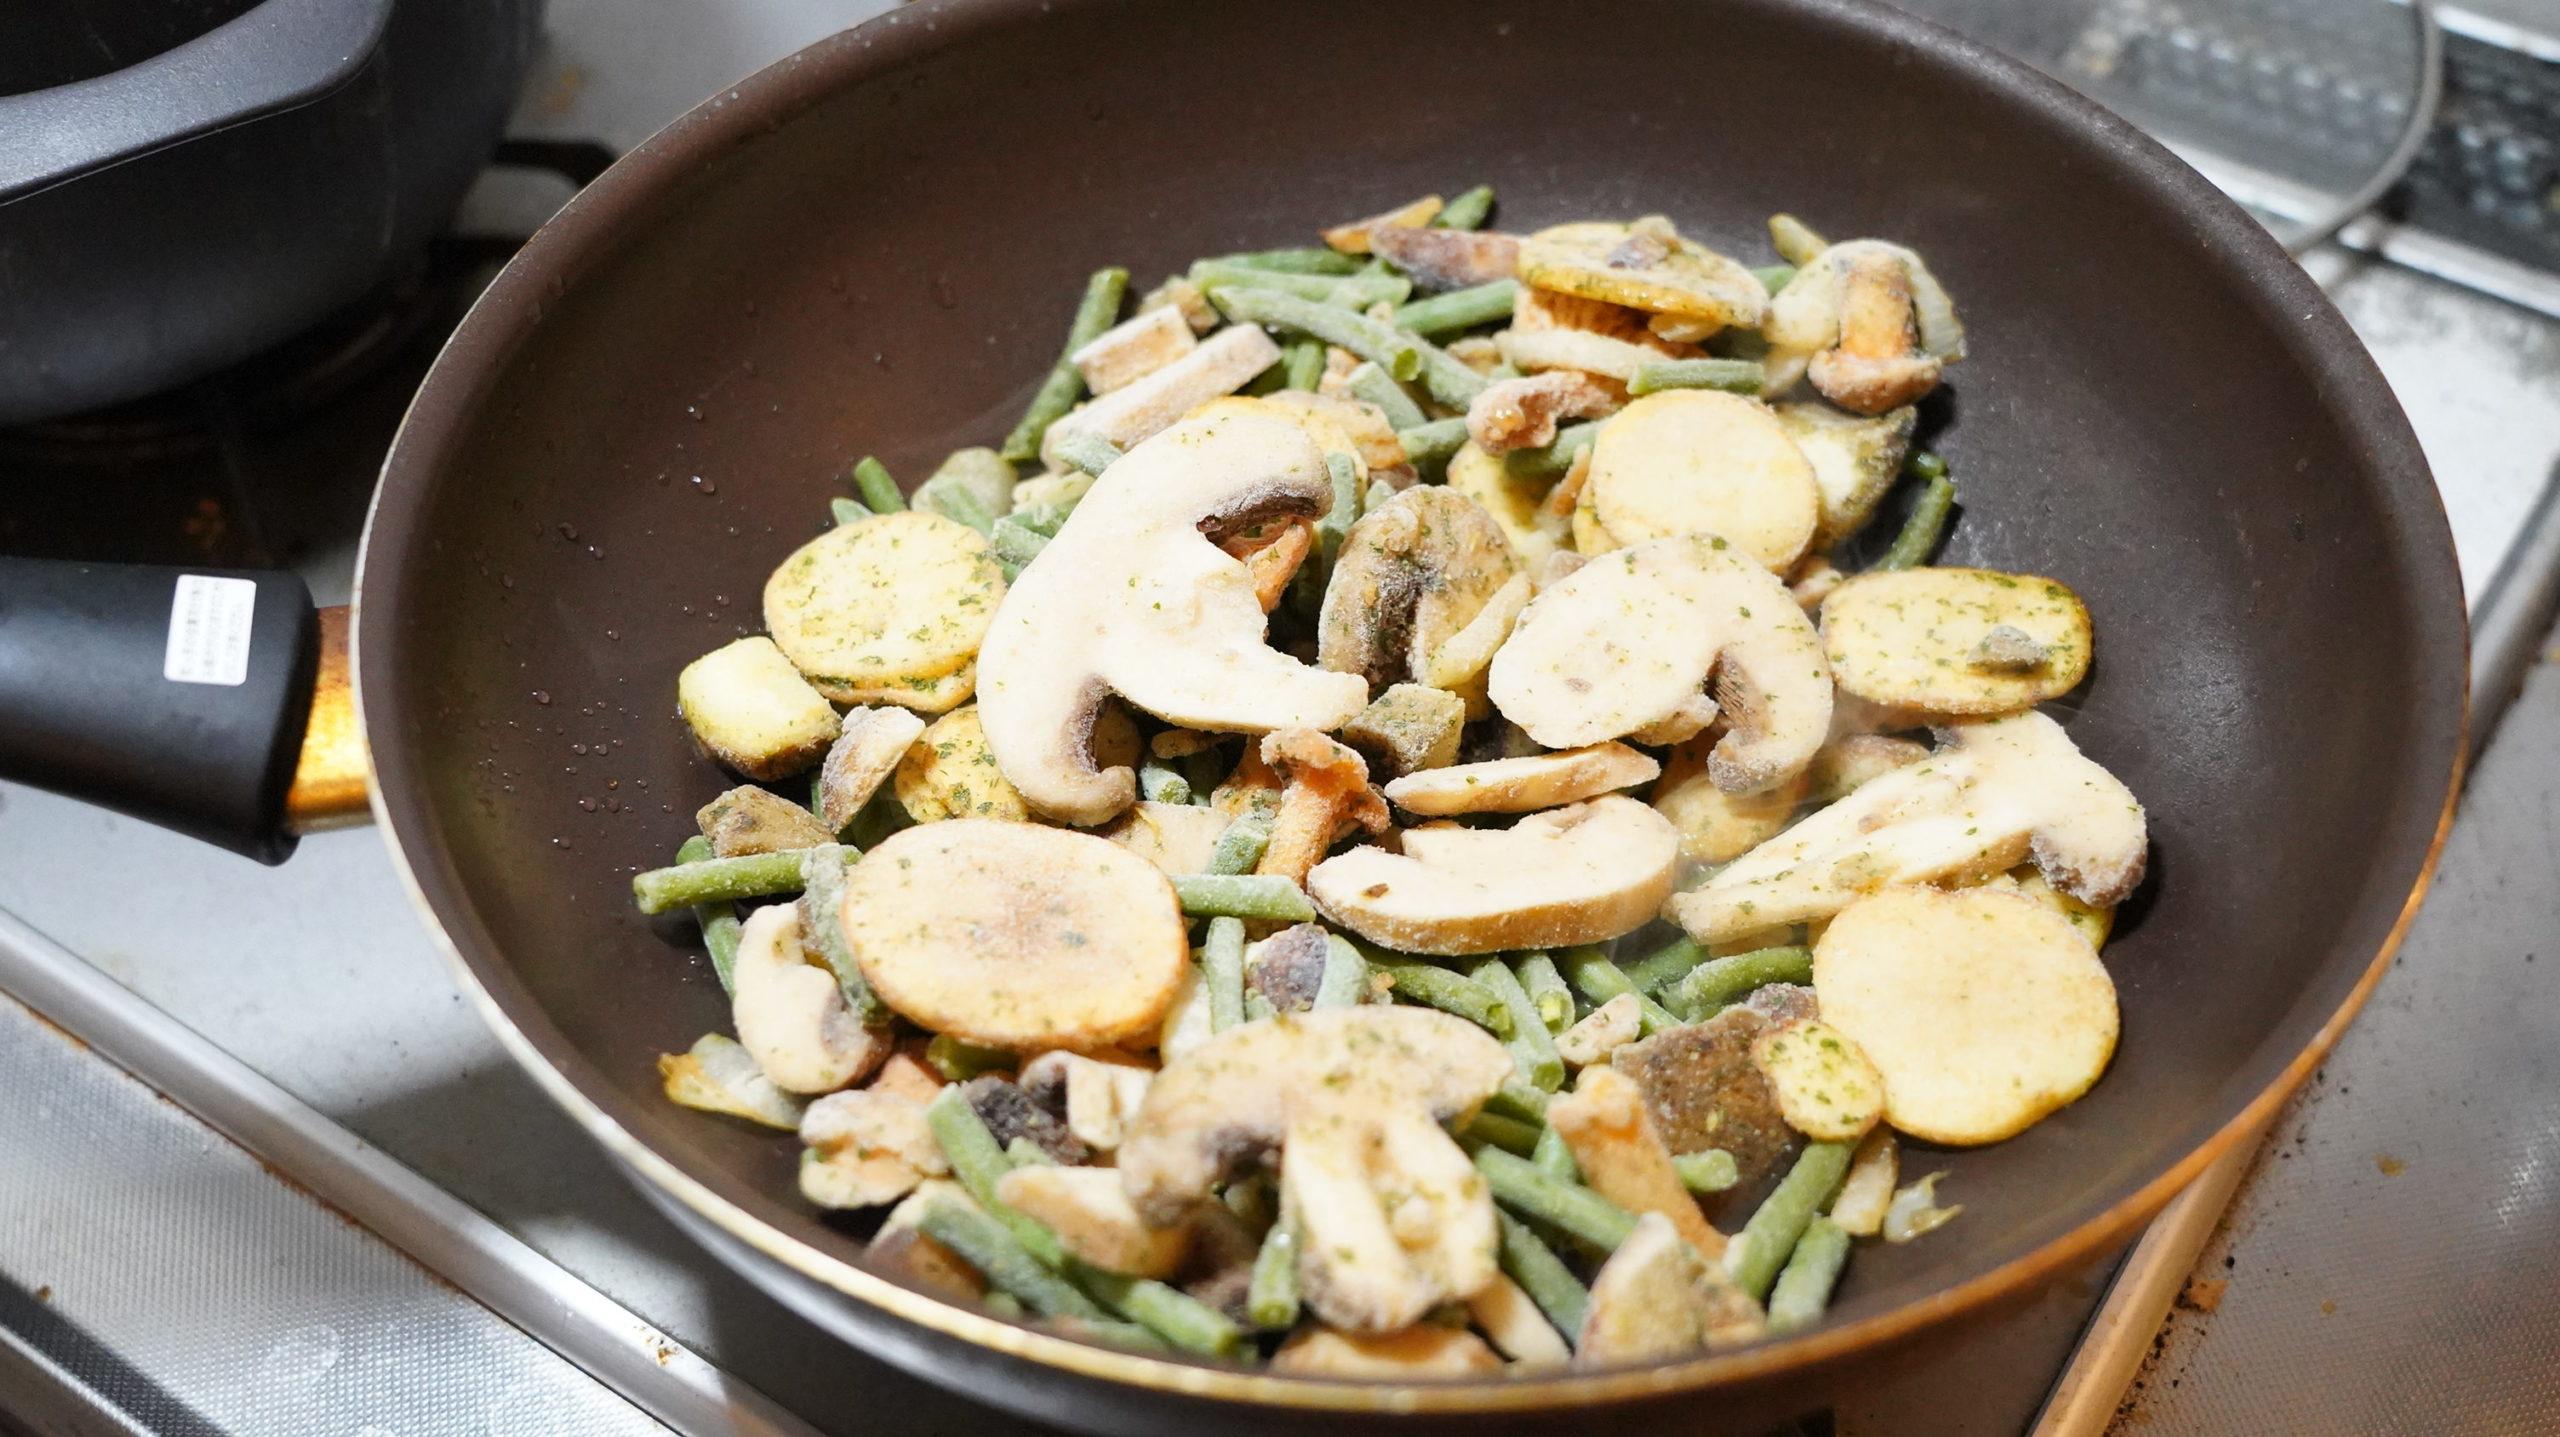 ピカールの冷凍食品「付合せ野菜ミックス(ジャガイモ、インゲン、キノコ)」をフライパンに乗せた写真